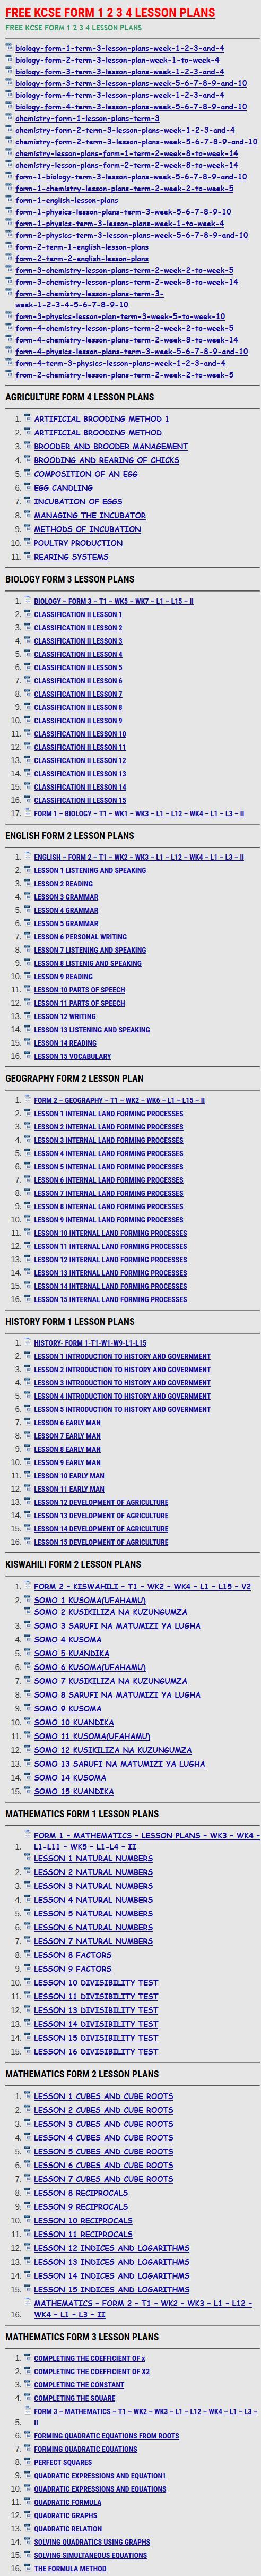 FREE KCSE FORM 1 2 3 4 LESSON PLANS » KCSE REVISION